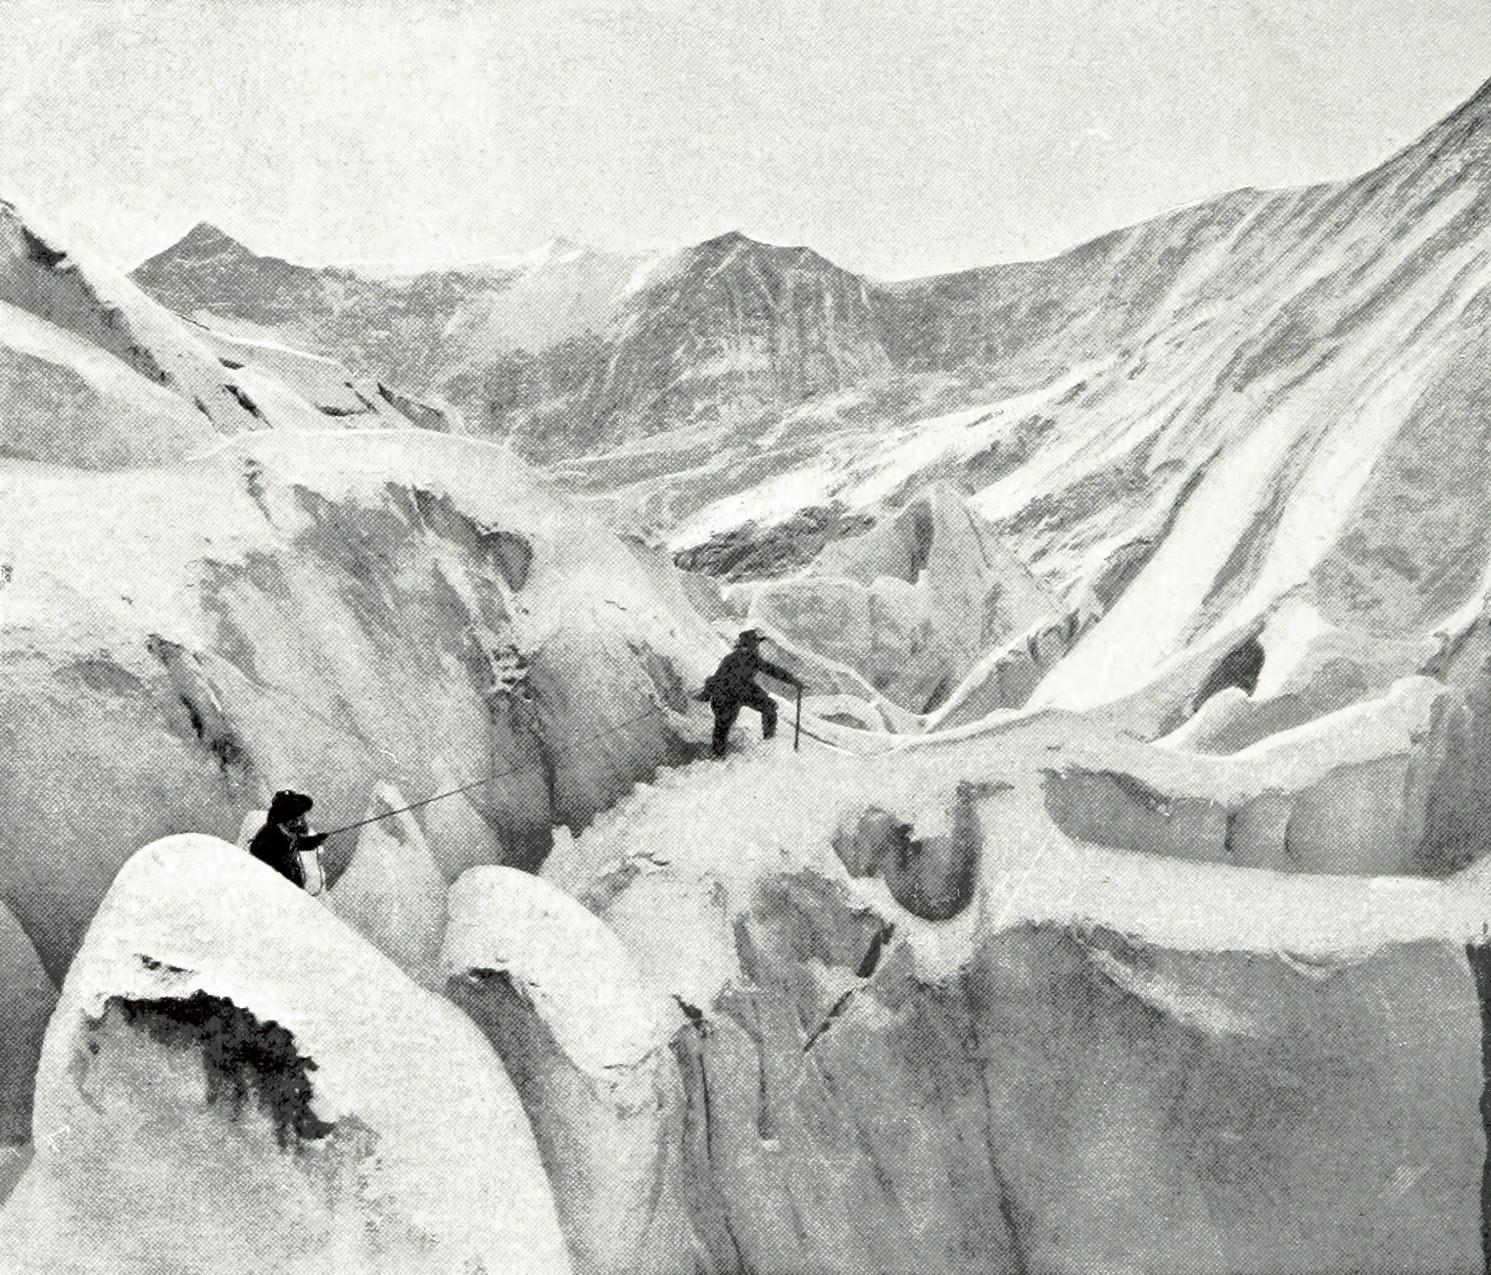 Grindelwald Eismeer par Theodor Wundt en 1898